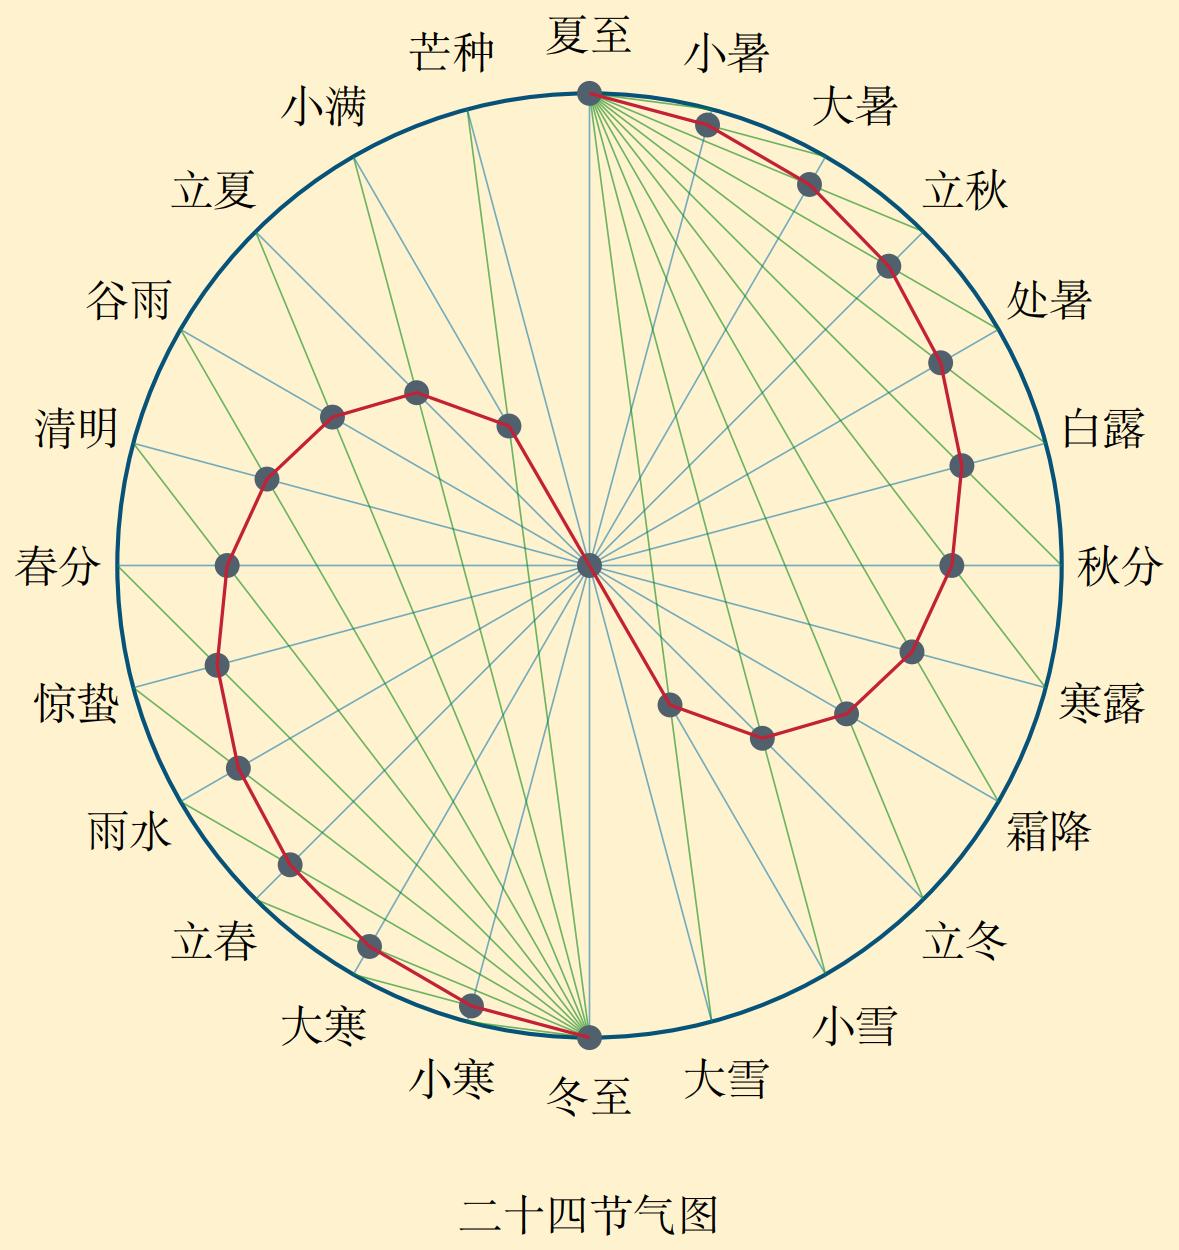 TikZ 繪制二十四節氣圖